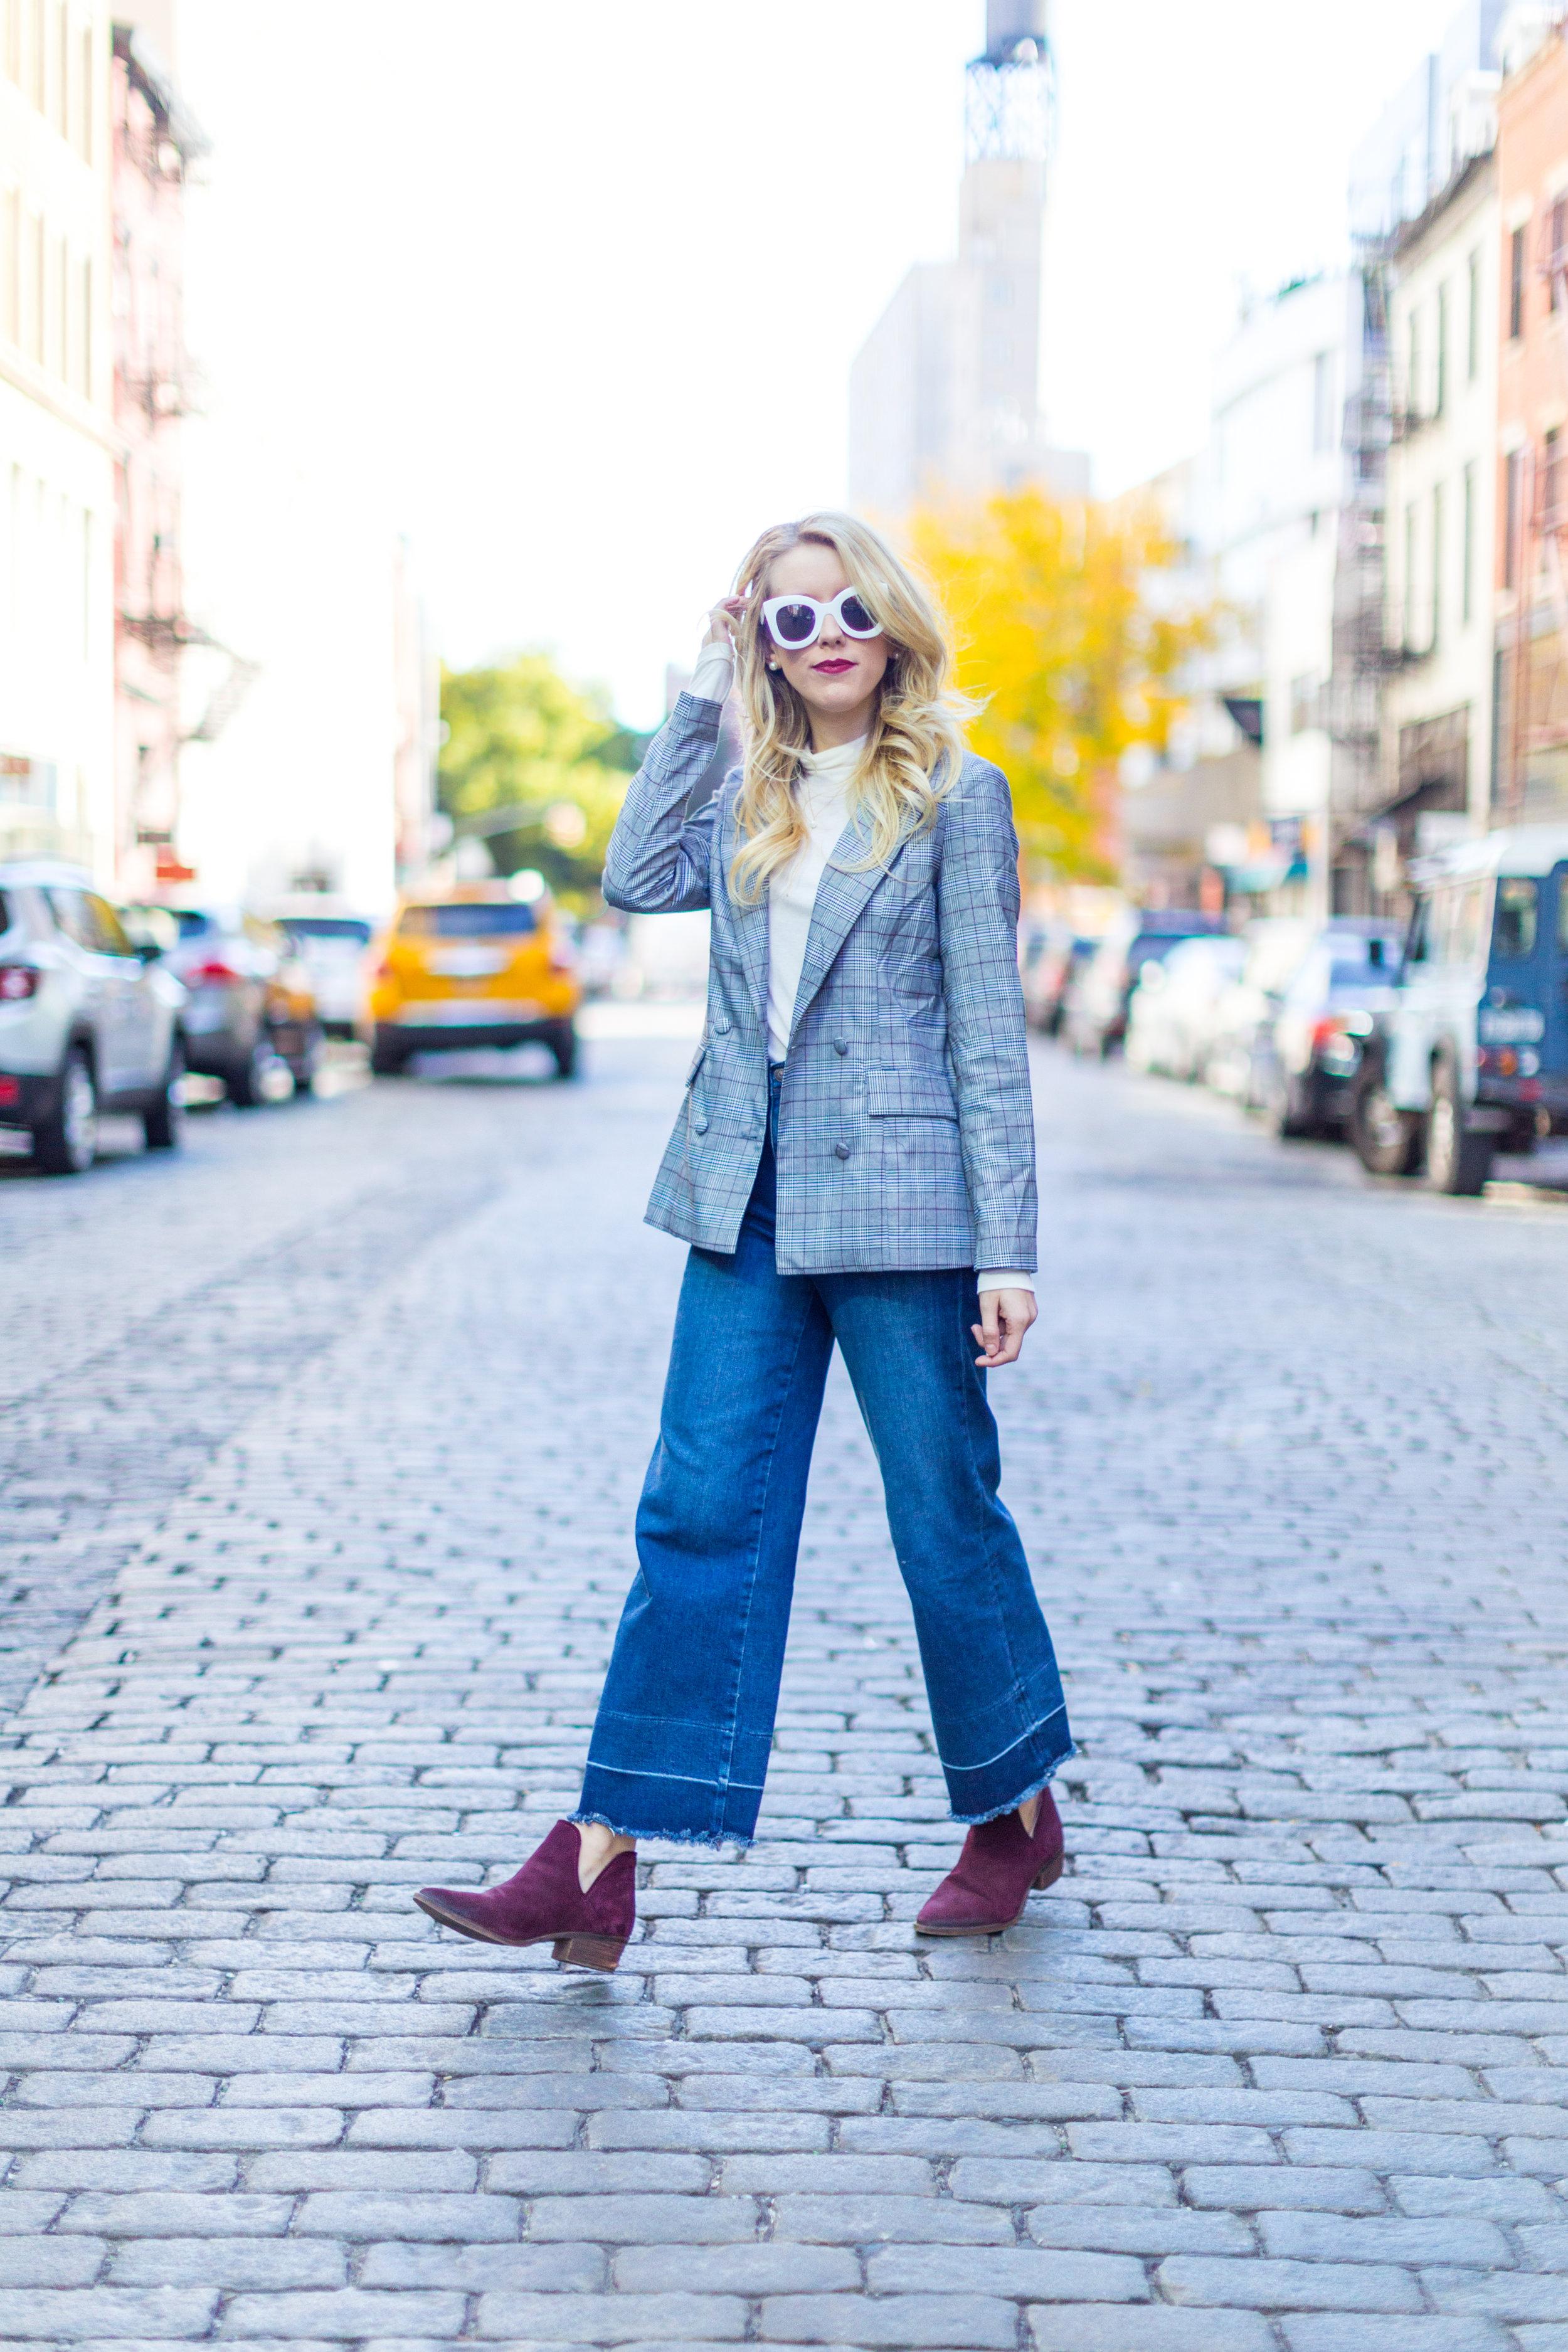 NYC Fall Fashion Trends Plaid Blazer-5.jpg